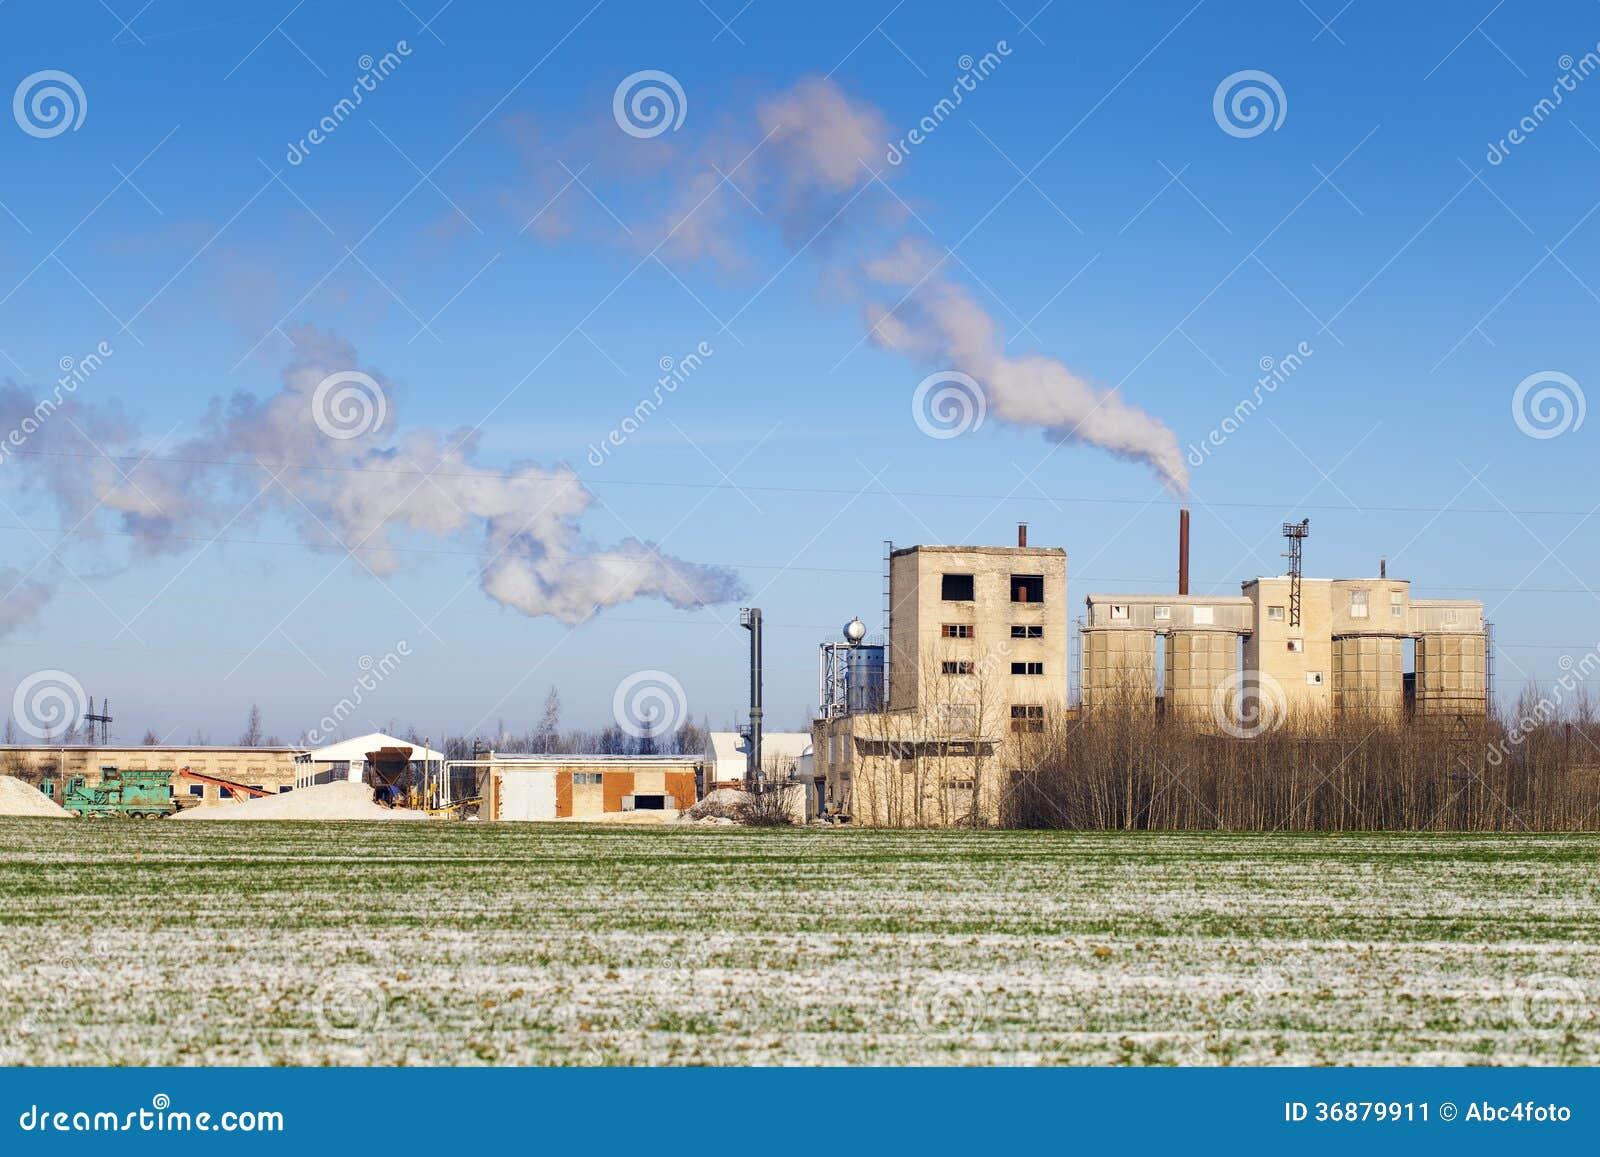 Download Fumo Che Esce Dai Camini Della Fabbrica Immagine Stock - Immagine di vapore, luce: 36879911